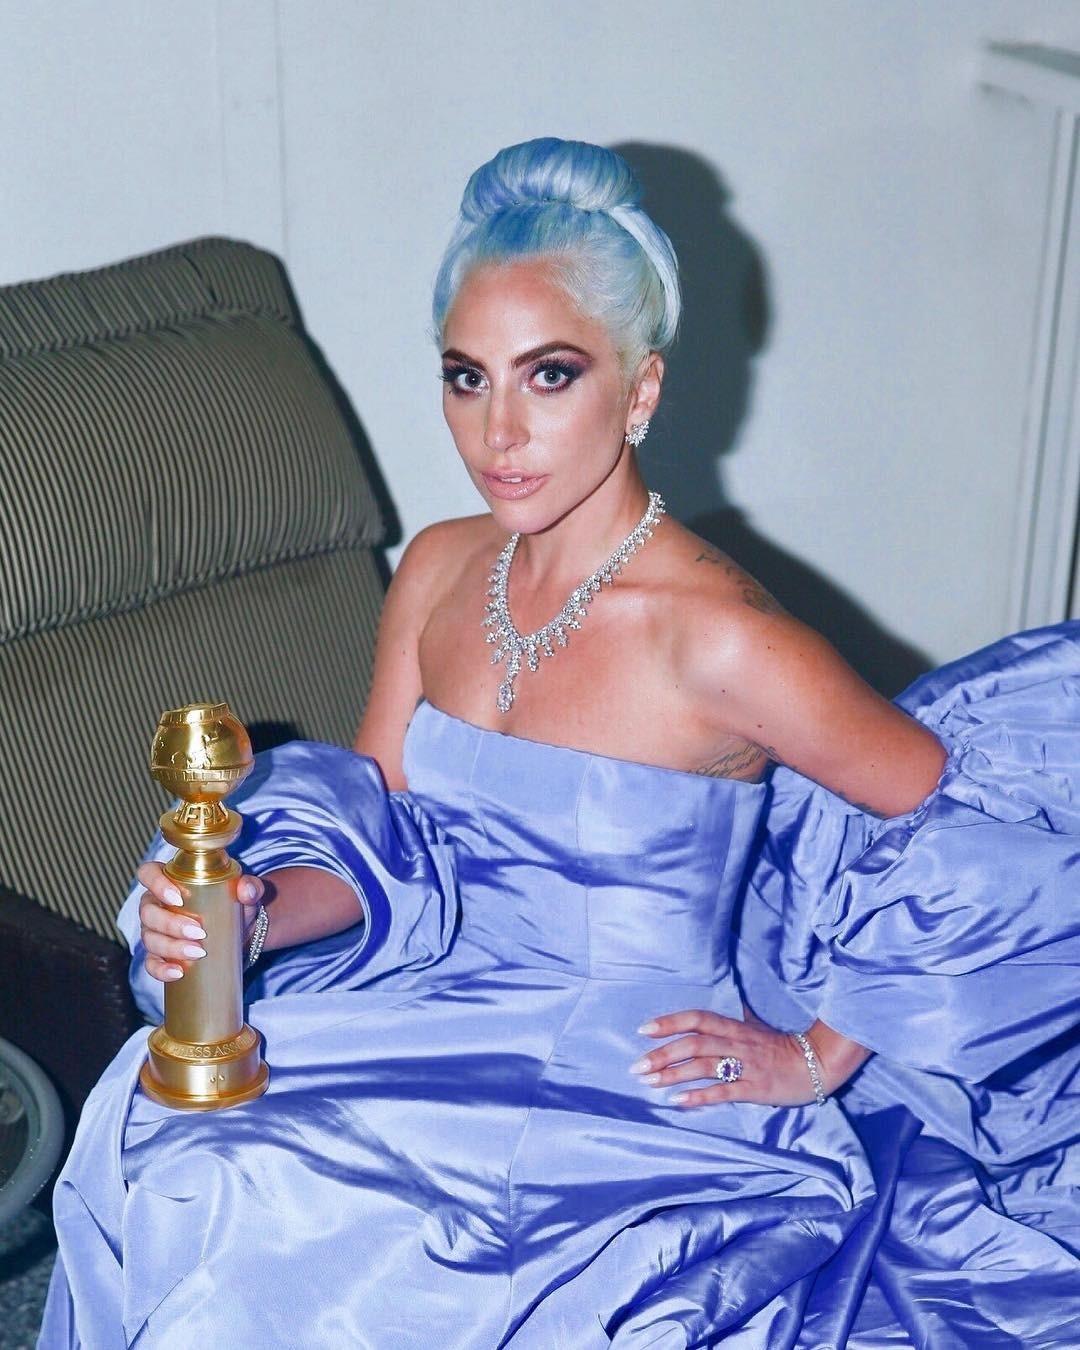 Леди Гага - интересная, яркая, космическая девушка - по мнению таролога, с инопланетной энергией. Можно сказать, ей никак не подходит энергетика Земли. В этот раз, увы, Оскара певица не п...